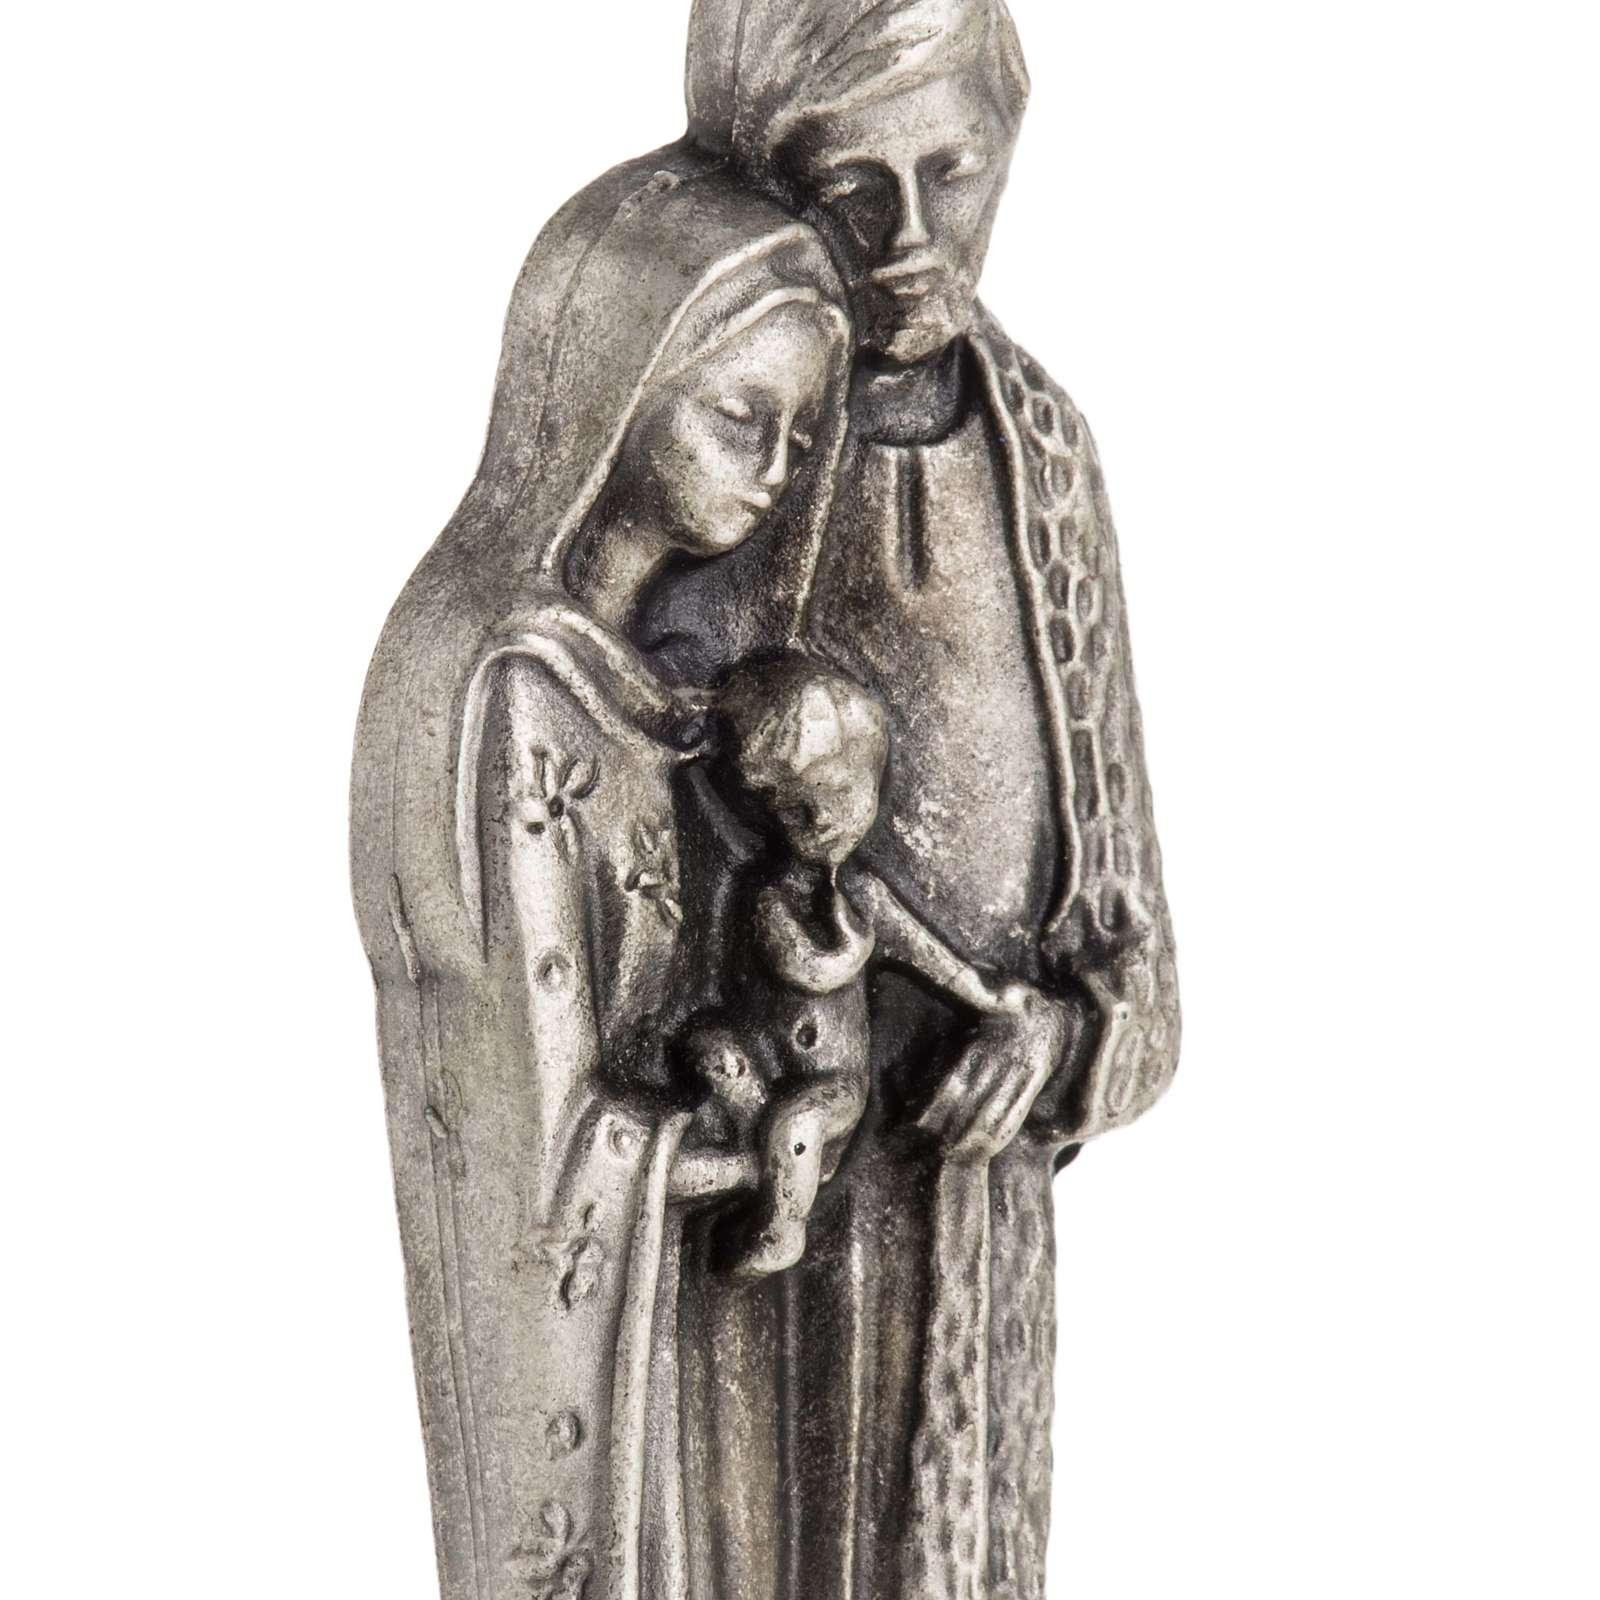 Imán metalizados de la Sagrada Familia 7cm 3